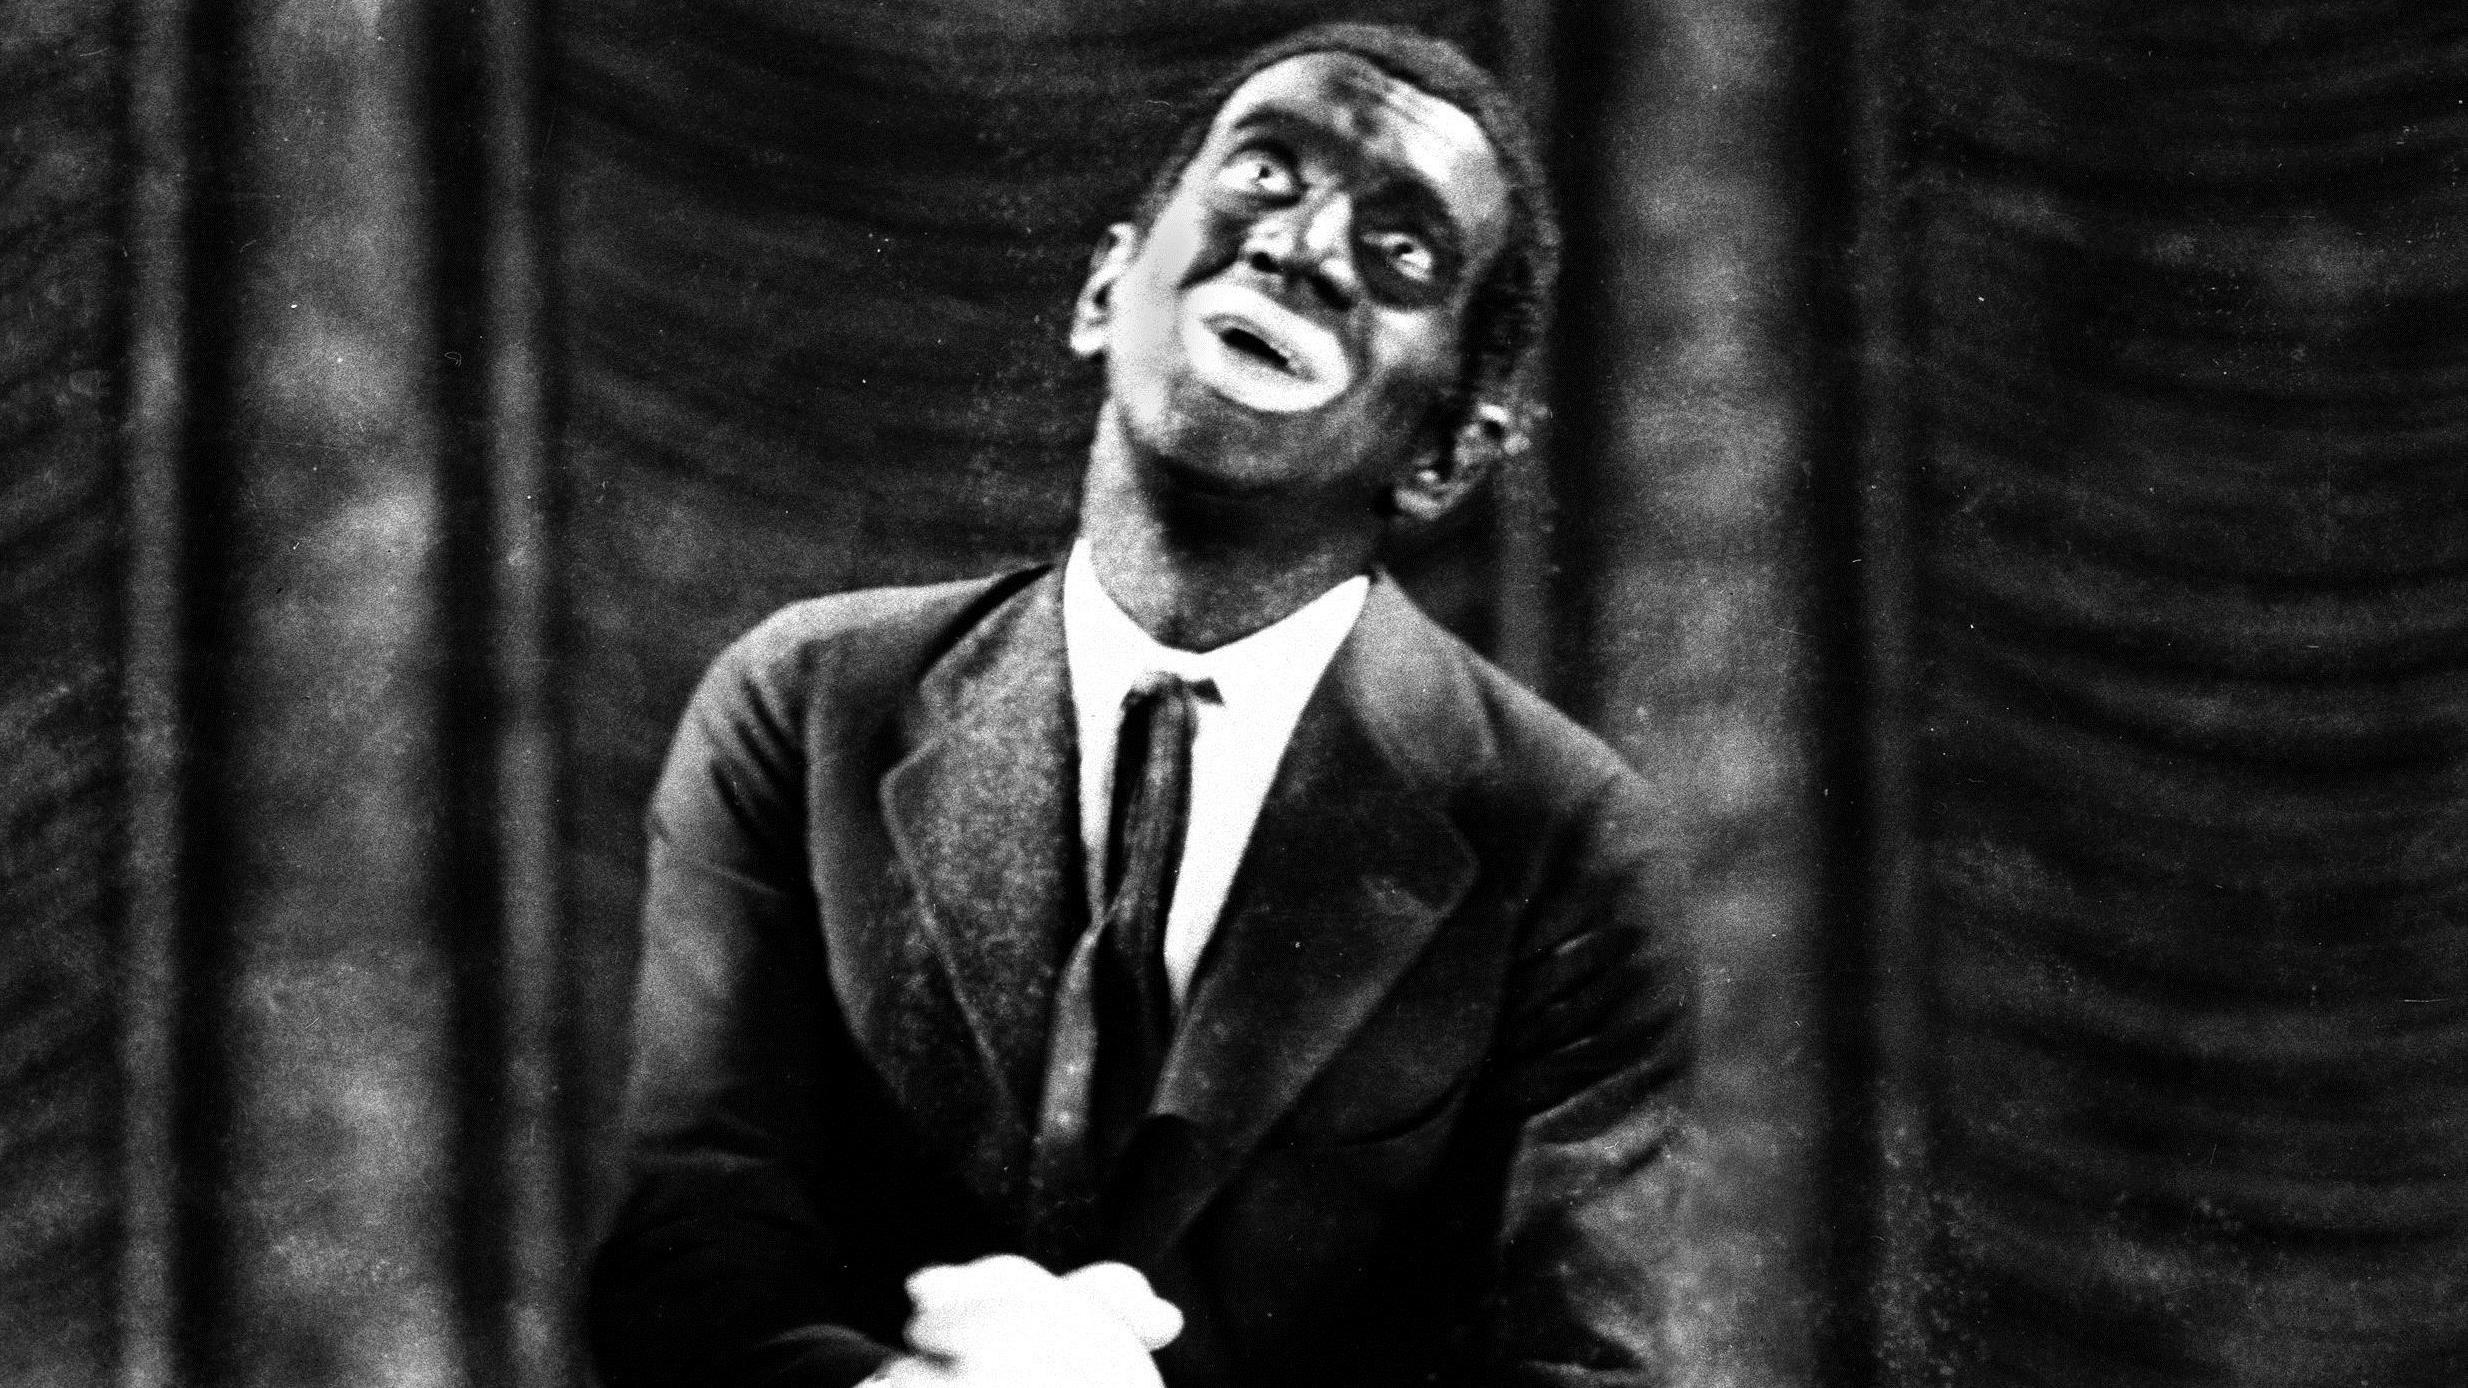 fekete színészek szex jelenetek